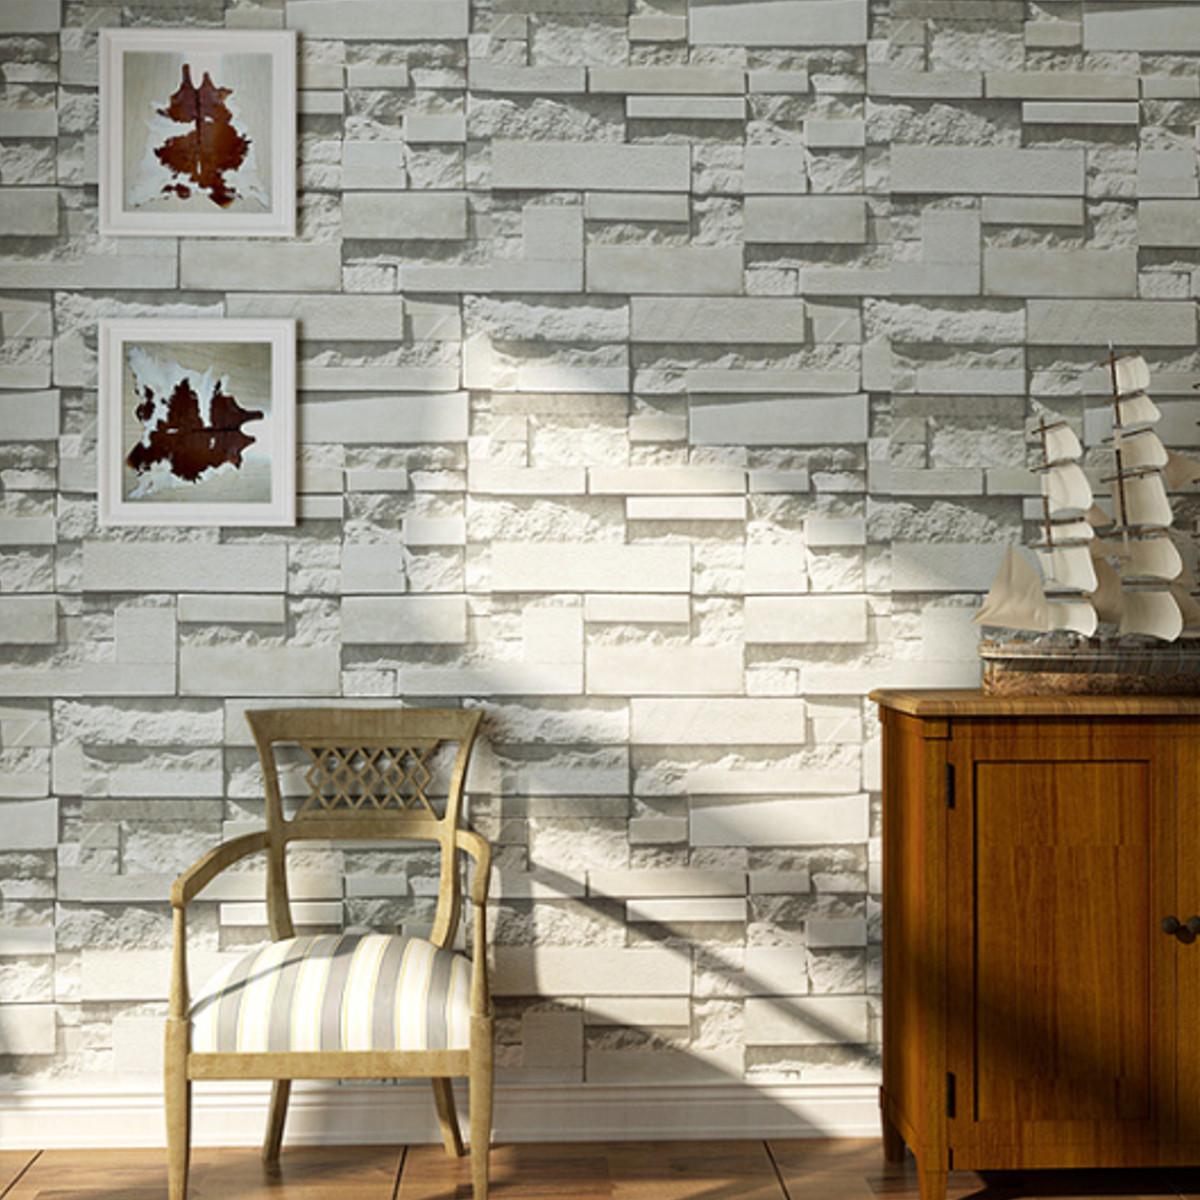 صورة ديكورات حوائط طوب حرارى , الطوب الحراري وديكوراته الكثيرة للحوائط